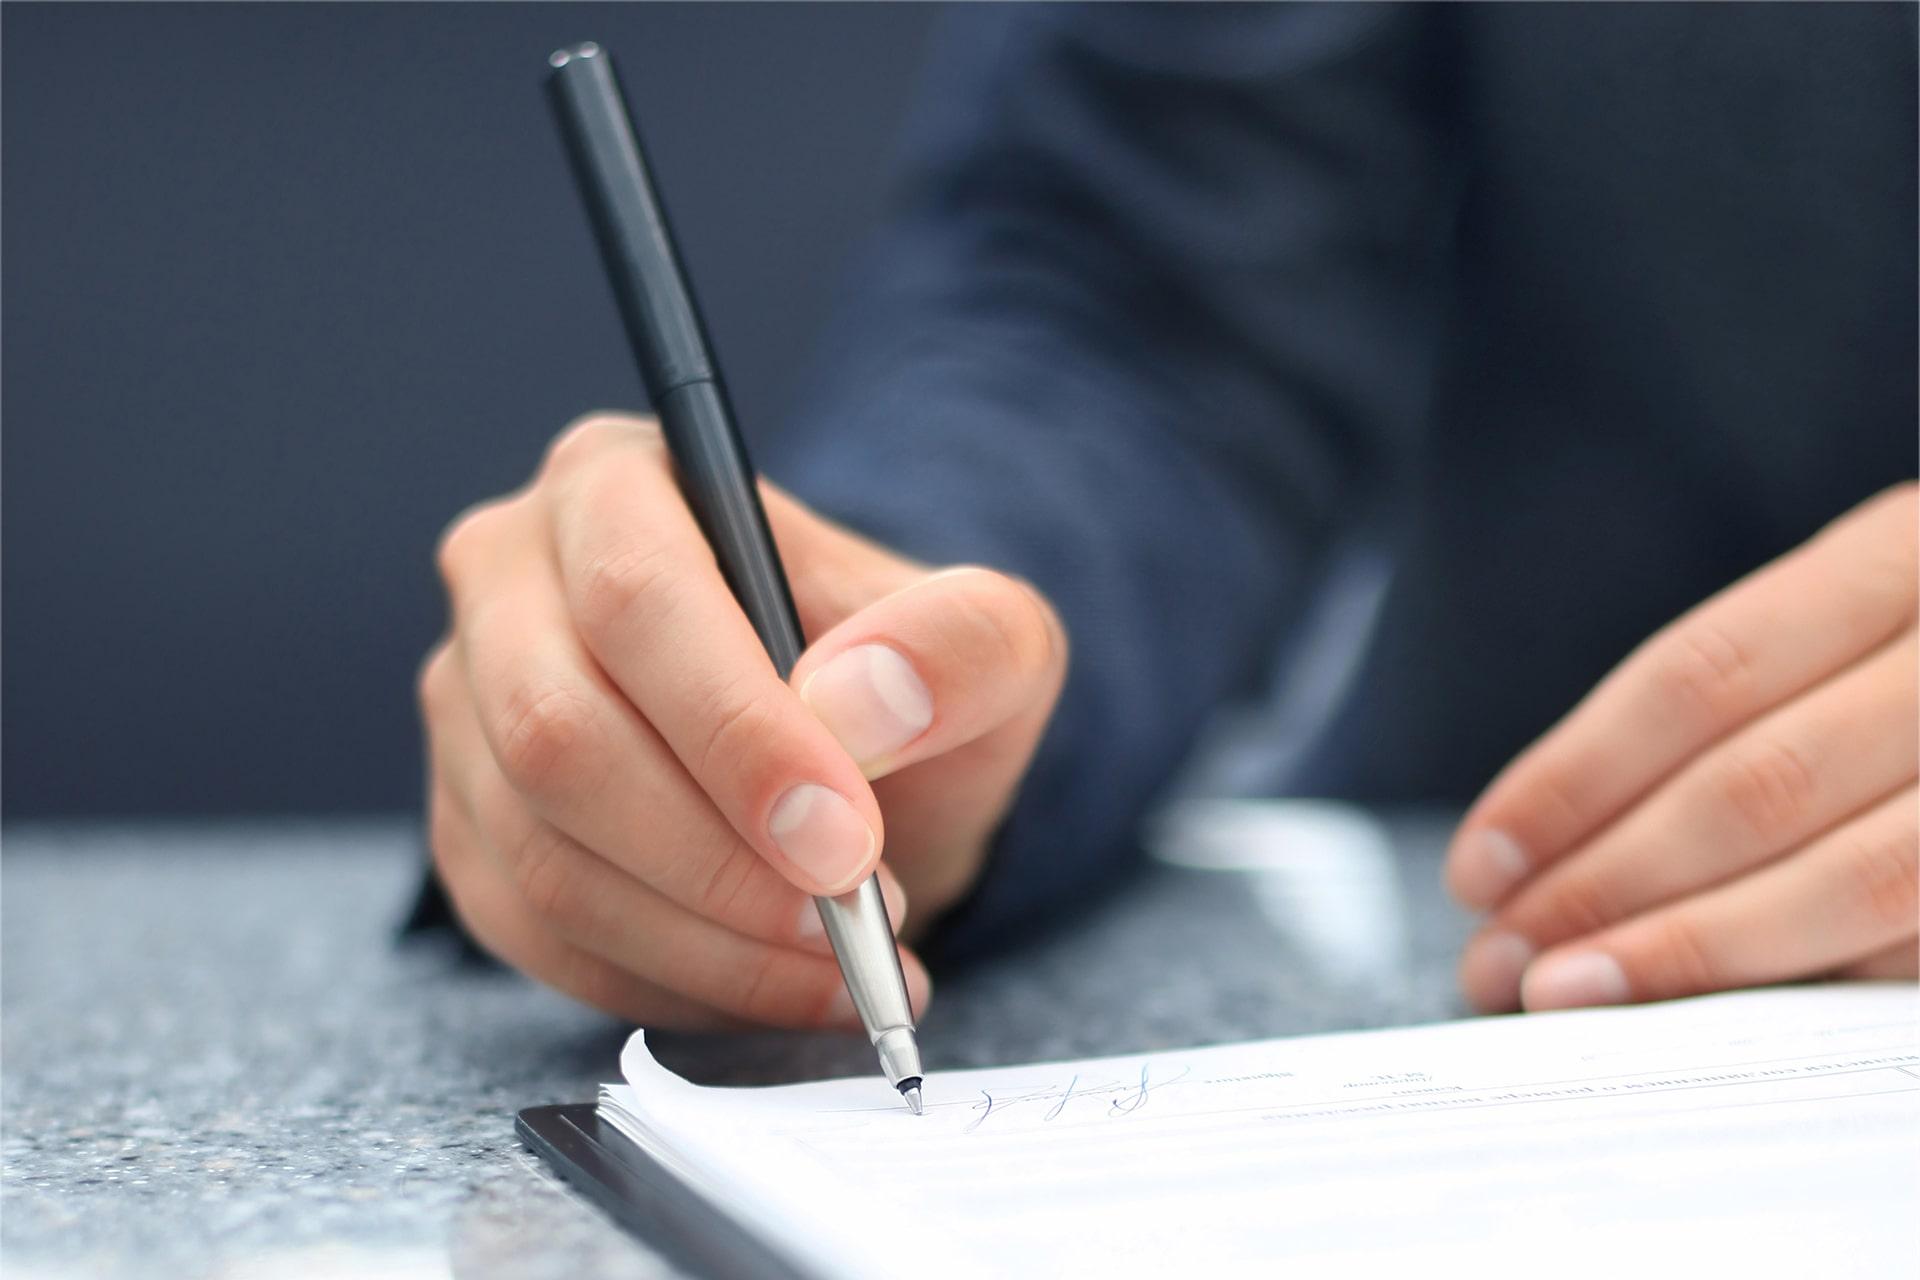 در مواردی پیش می آید که شخصی ملکی را خریداری نموده است و در قرارداد توافق نموده اند که در تاریخ معینی فروشنده در دفترخانه اسناد رسمی حاضر و سند ملک را به نام فروشنده تنظیم نماید.